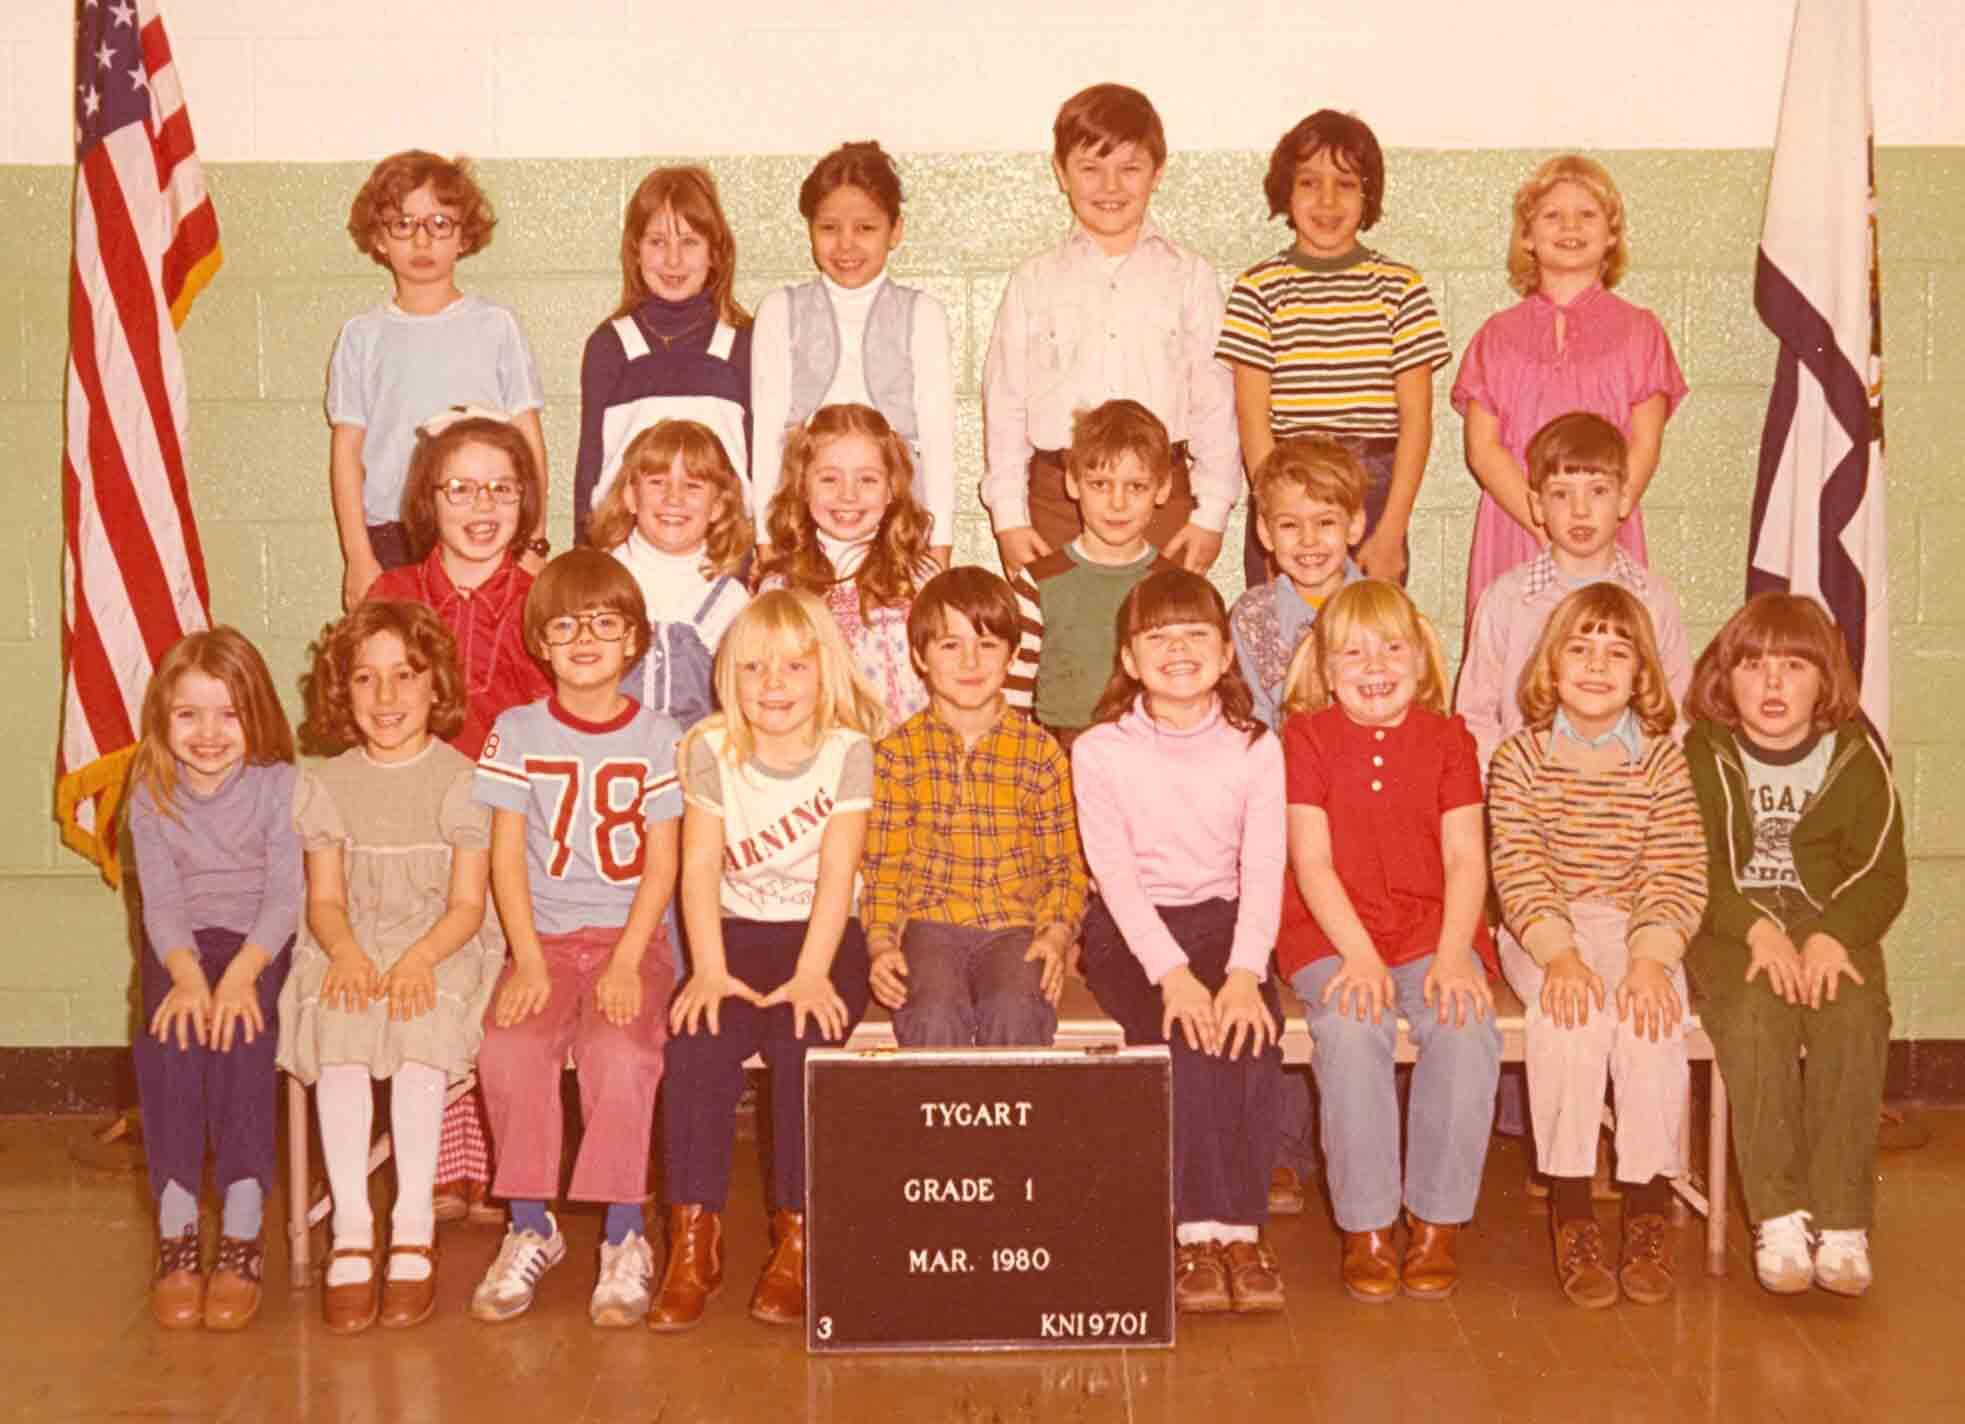 1980 School